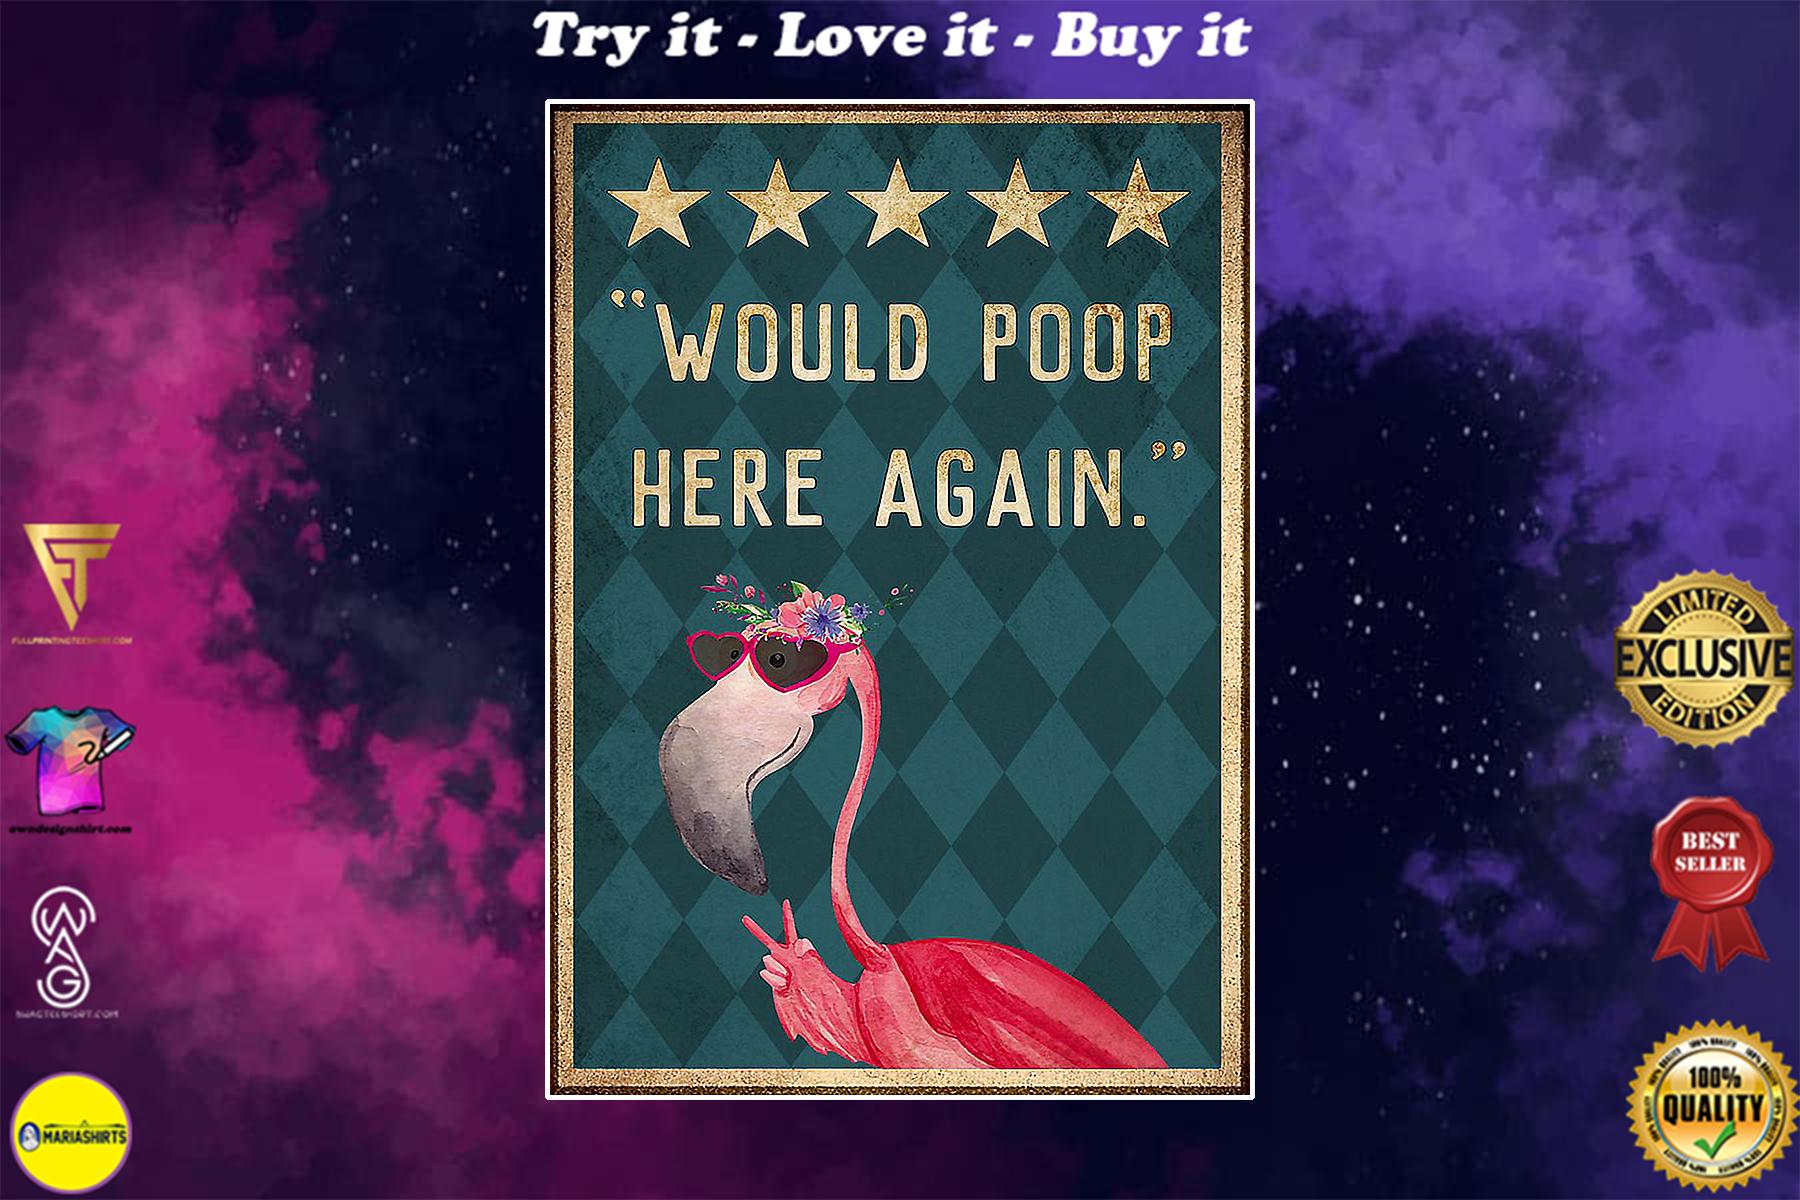 flamingo would poop here again vintage poster